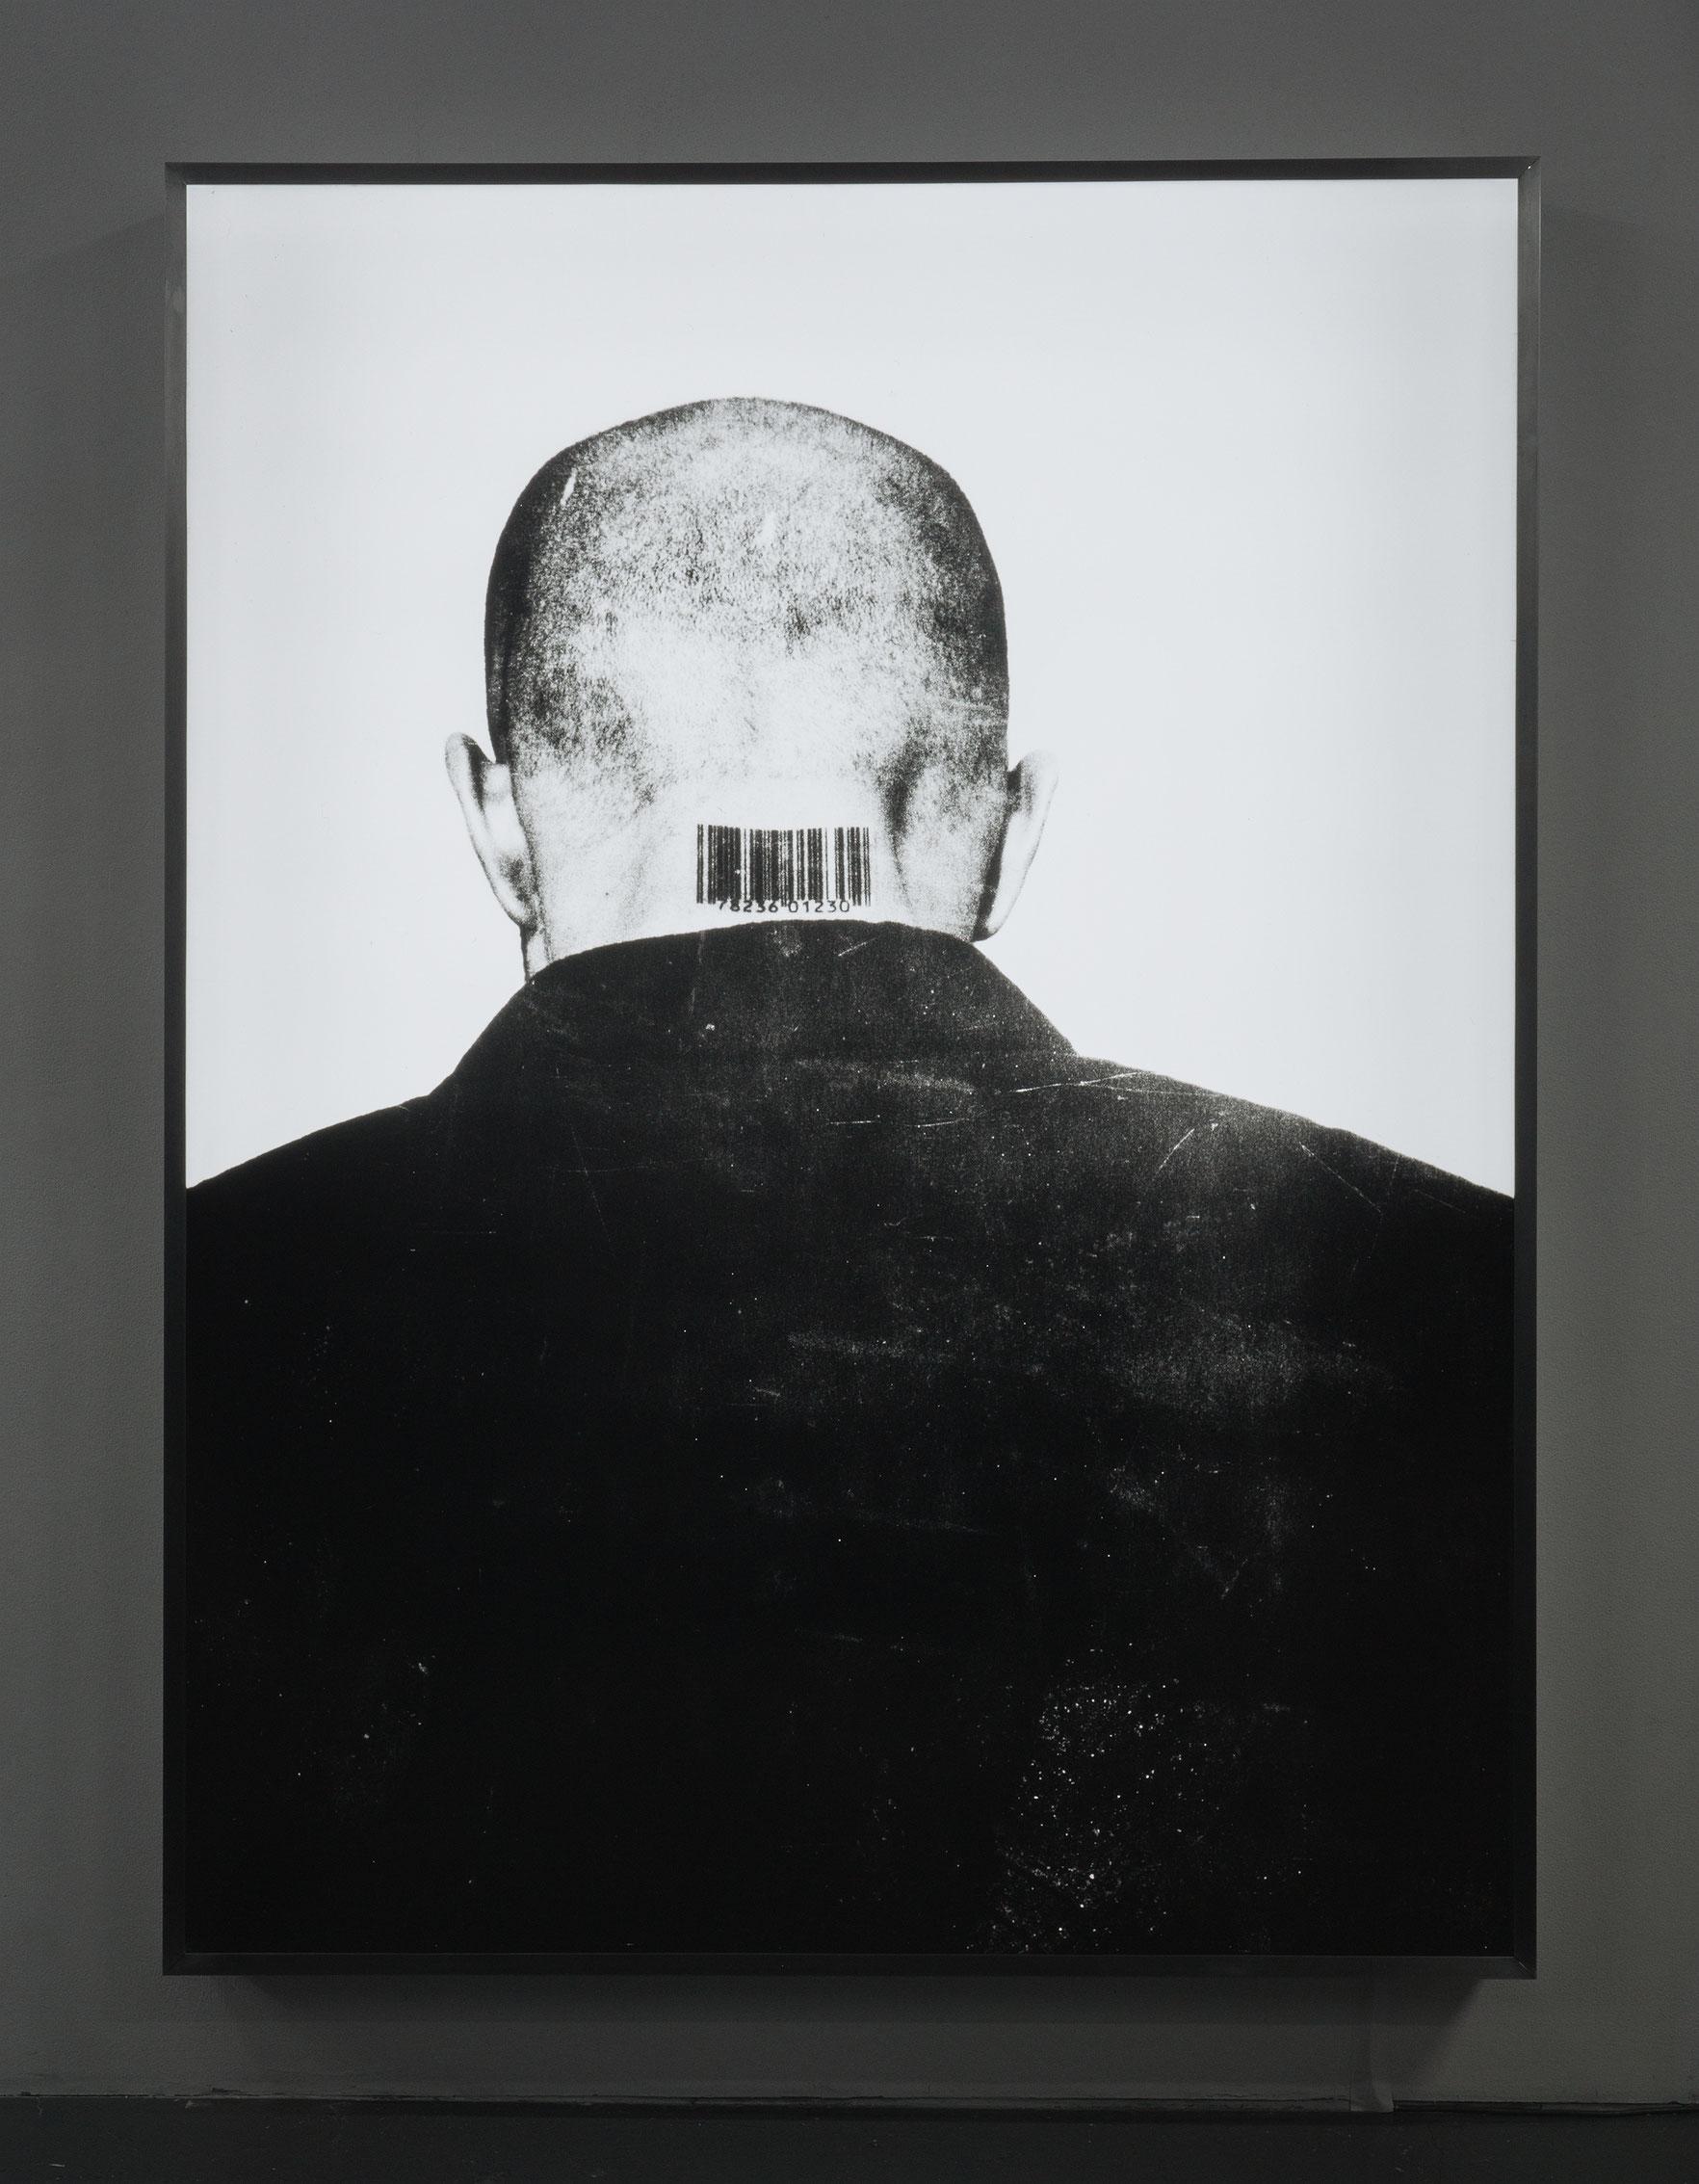 Generic Man, 1987-1989, tirage de 2002, Jana Sterbak, Diapositive d'étalage Duratran et boîtier lumineux.